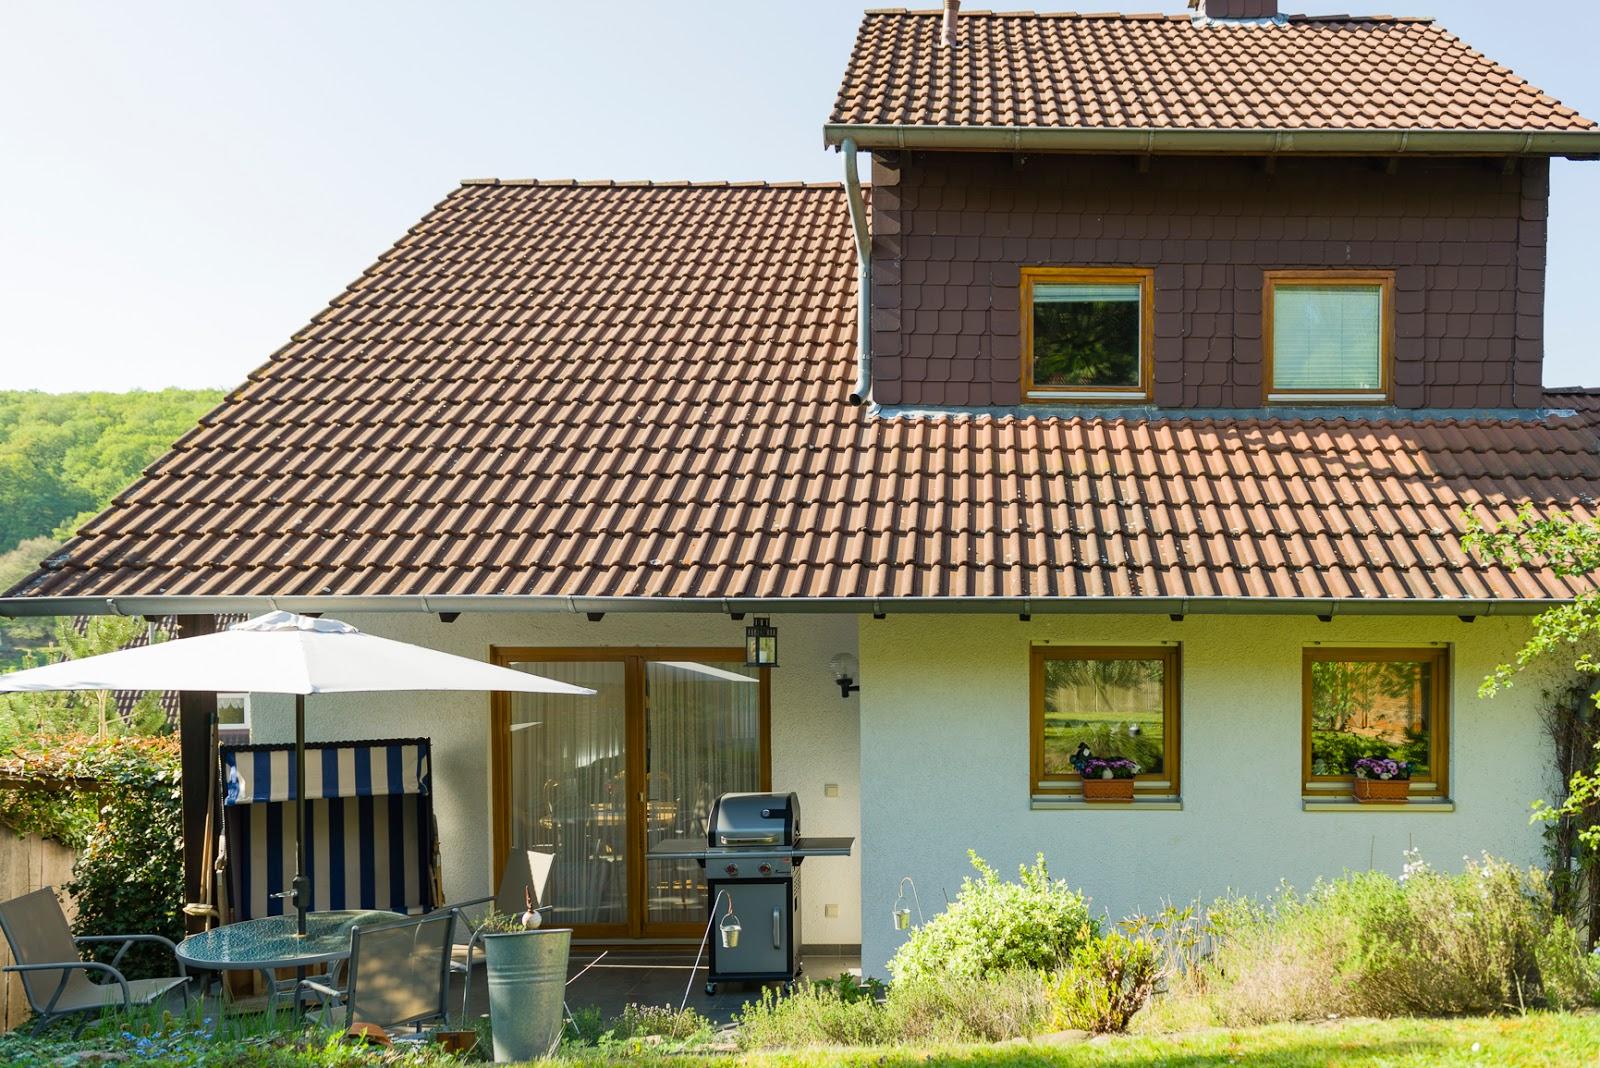 Gasthaus Ohms Map - Bad Salzdetfurth, Germany - Mapcarta